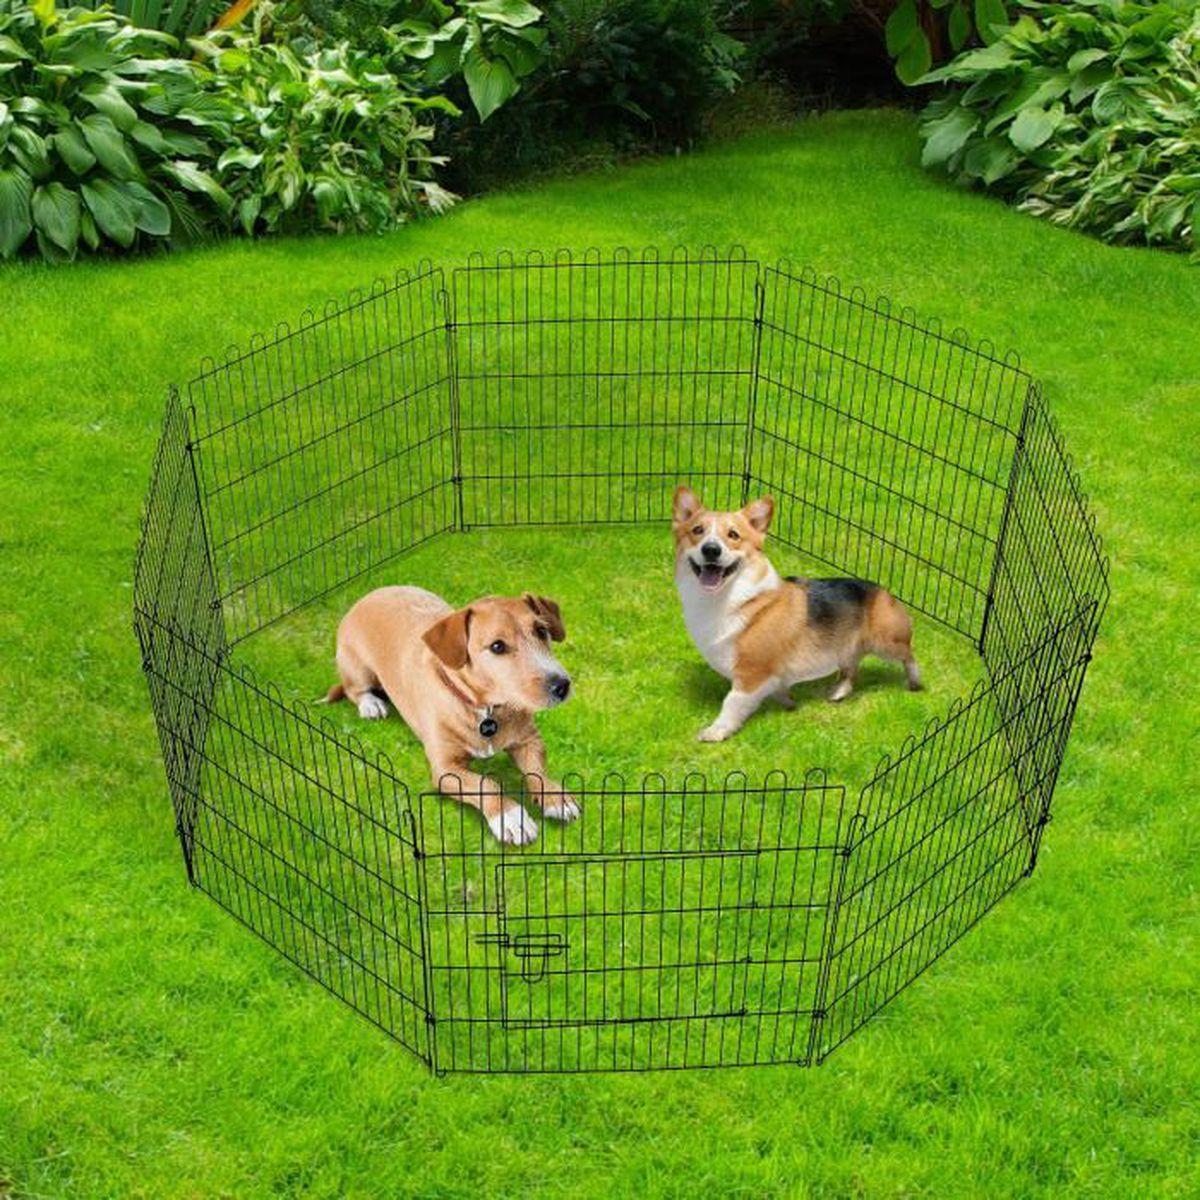 parc enclos pour chiens chiots animaux domestiques diam tre 158cm 8 panneaux 71l x 61hcm noir. Black Bedroom Furniture Sets. Home Design Ideas